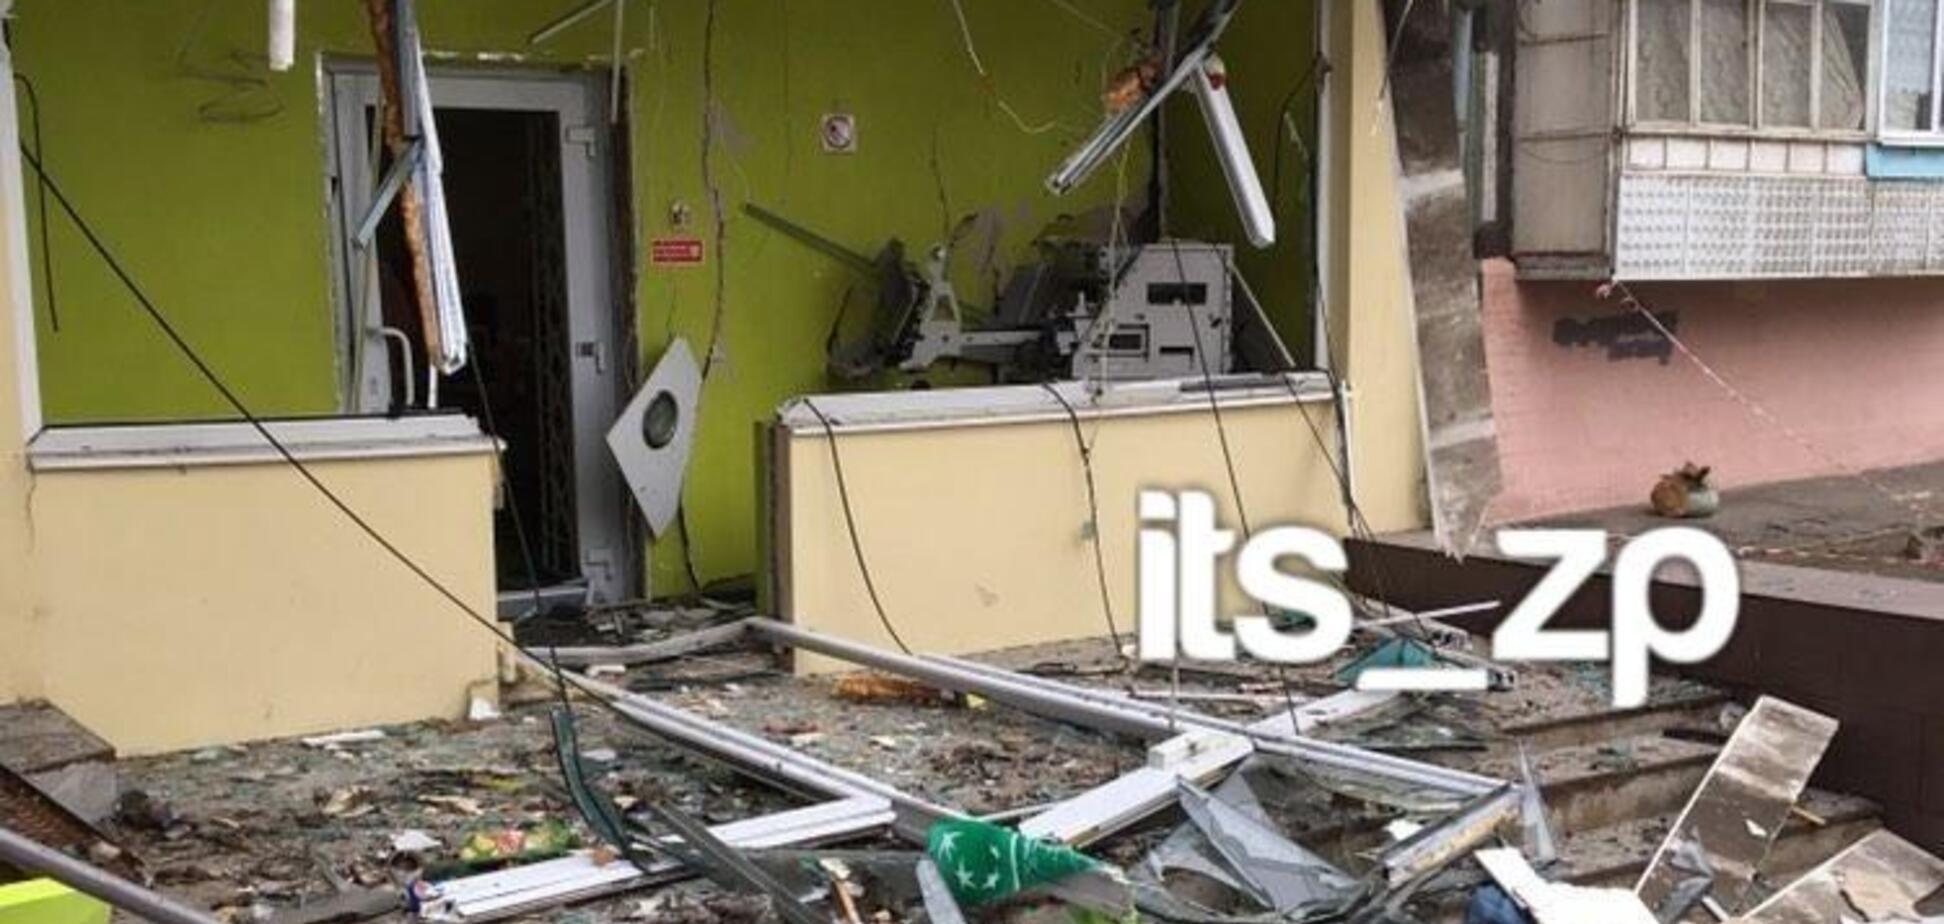 Воздушные шарики взорвали отделение банка: в Запорожье засняли дерзкое ограбление